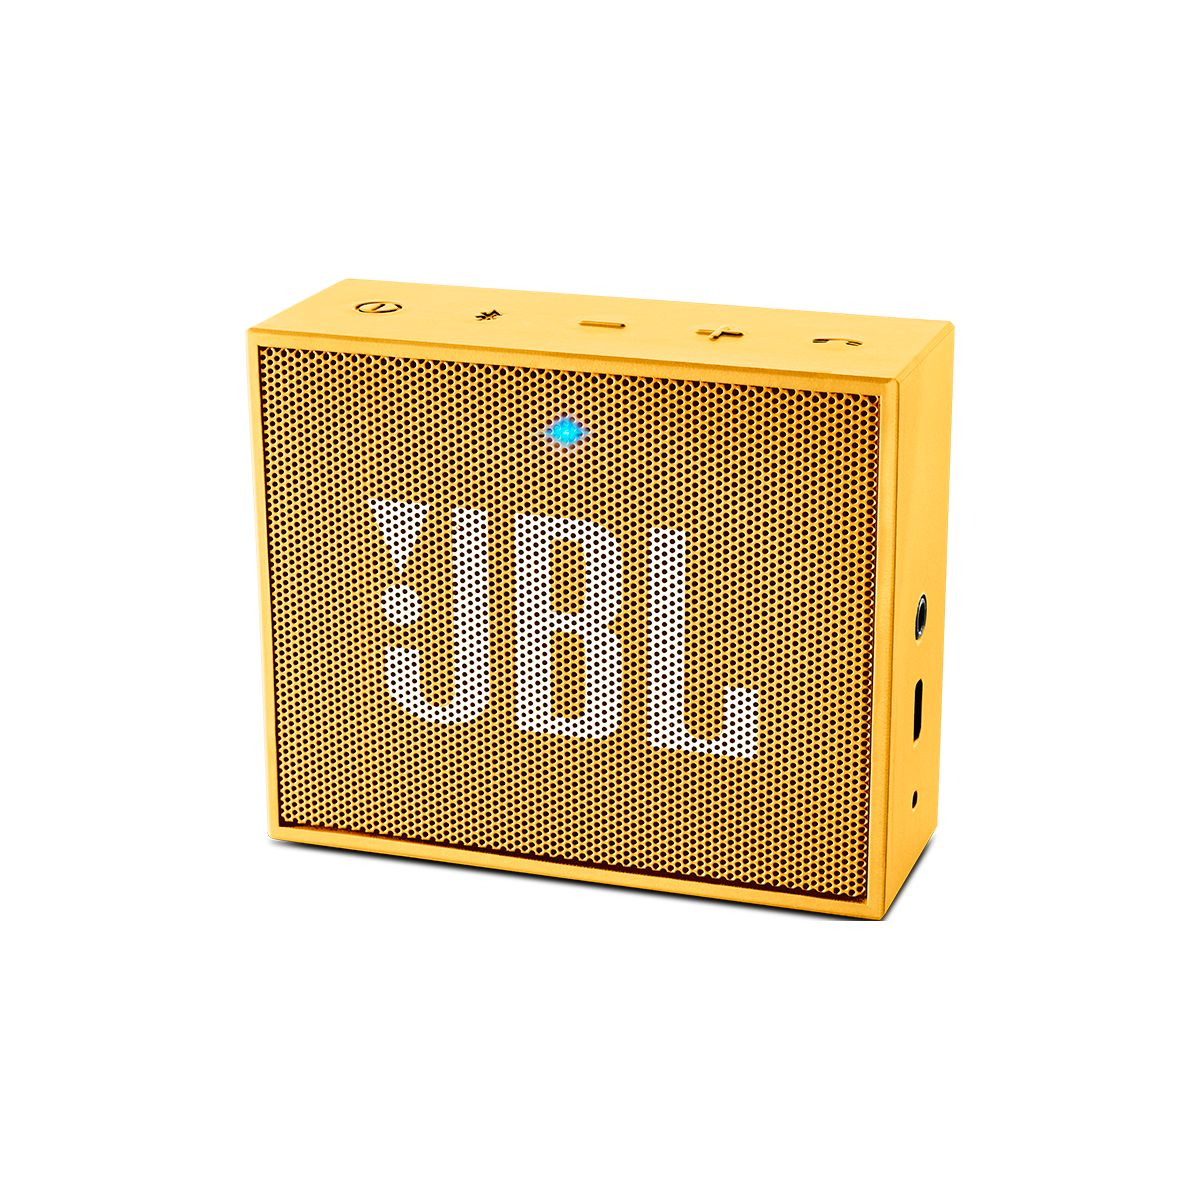 Enceinte nomade JBL Go jaune